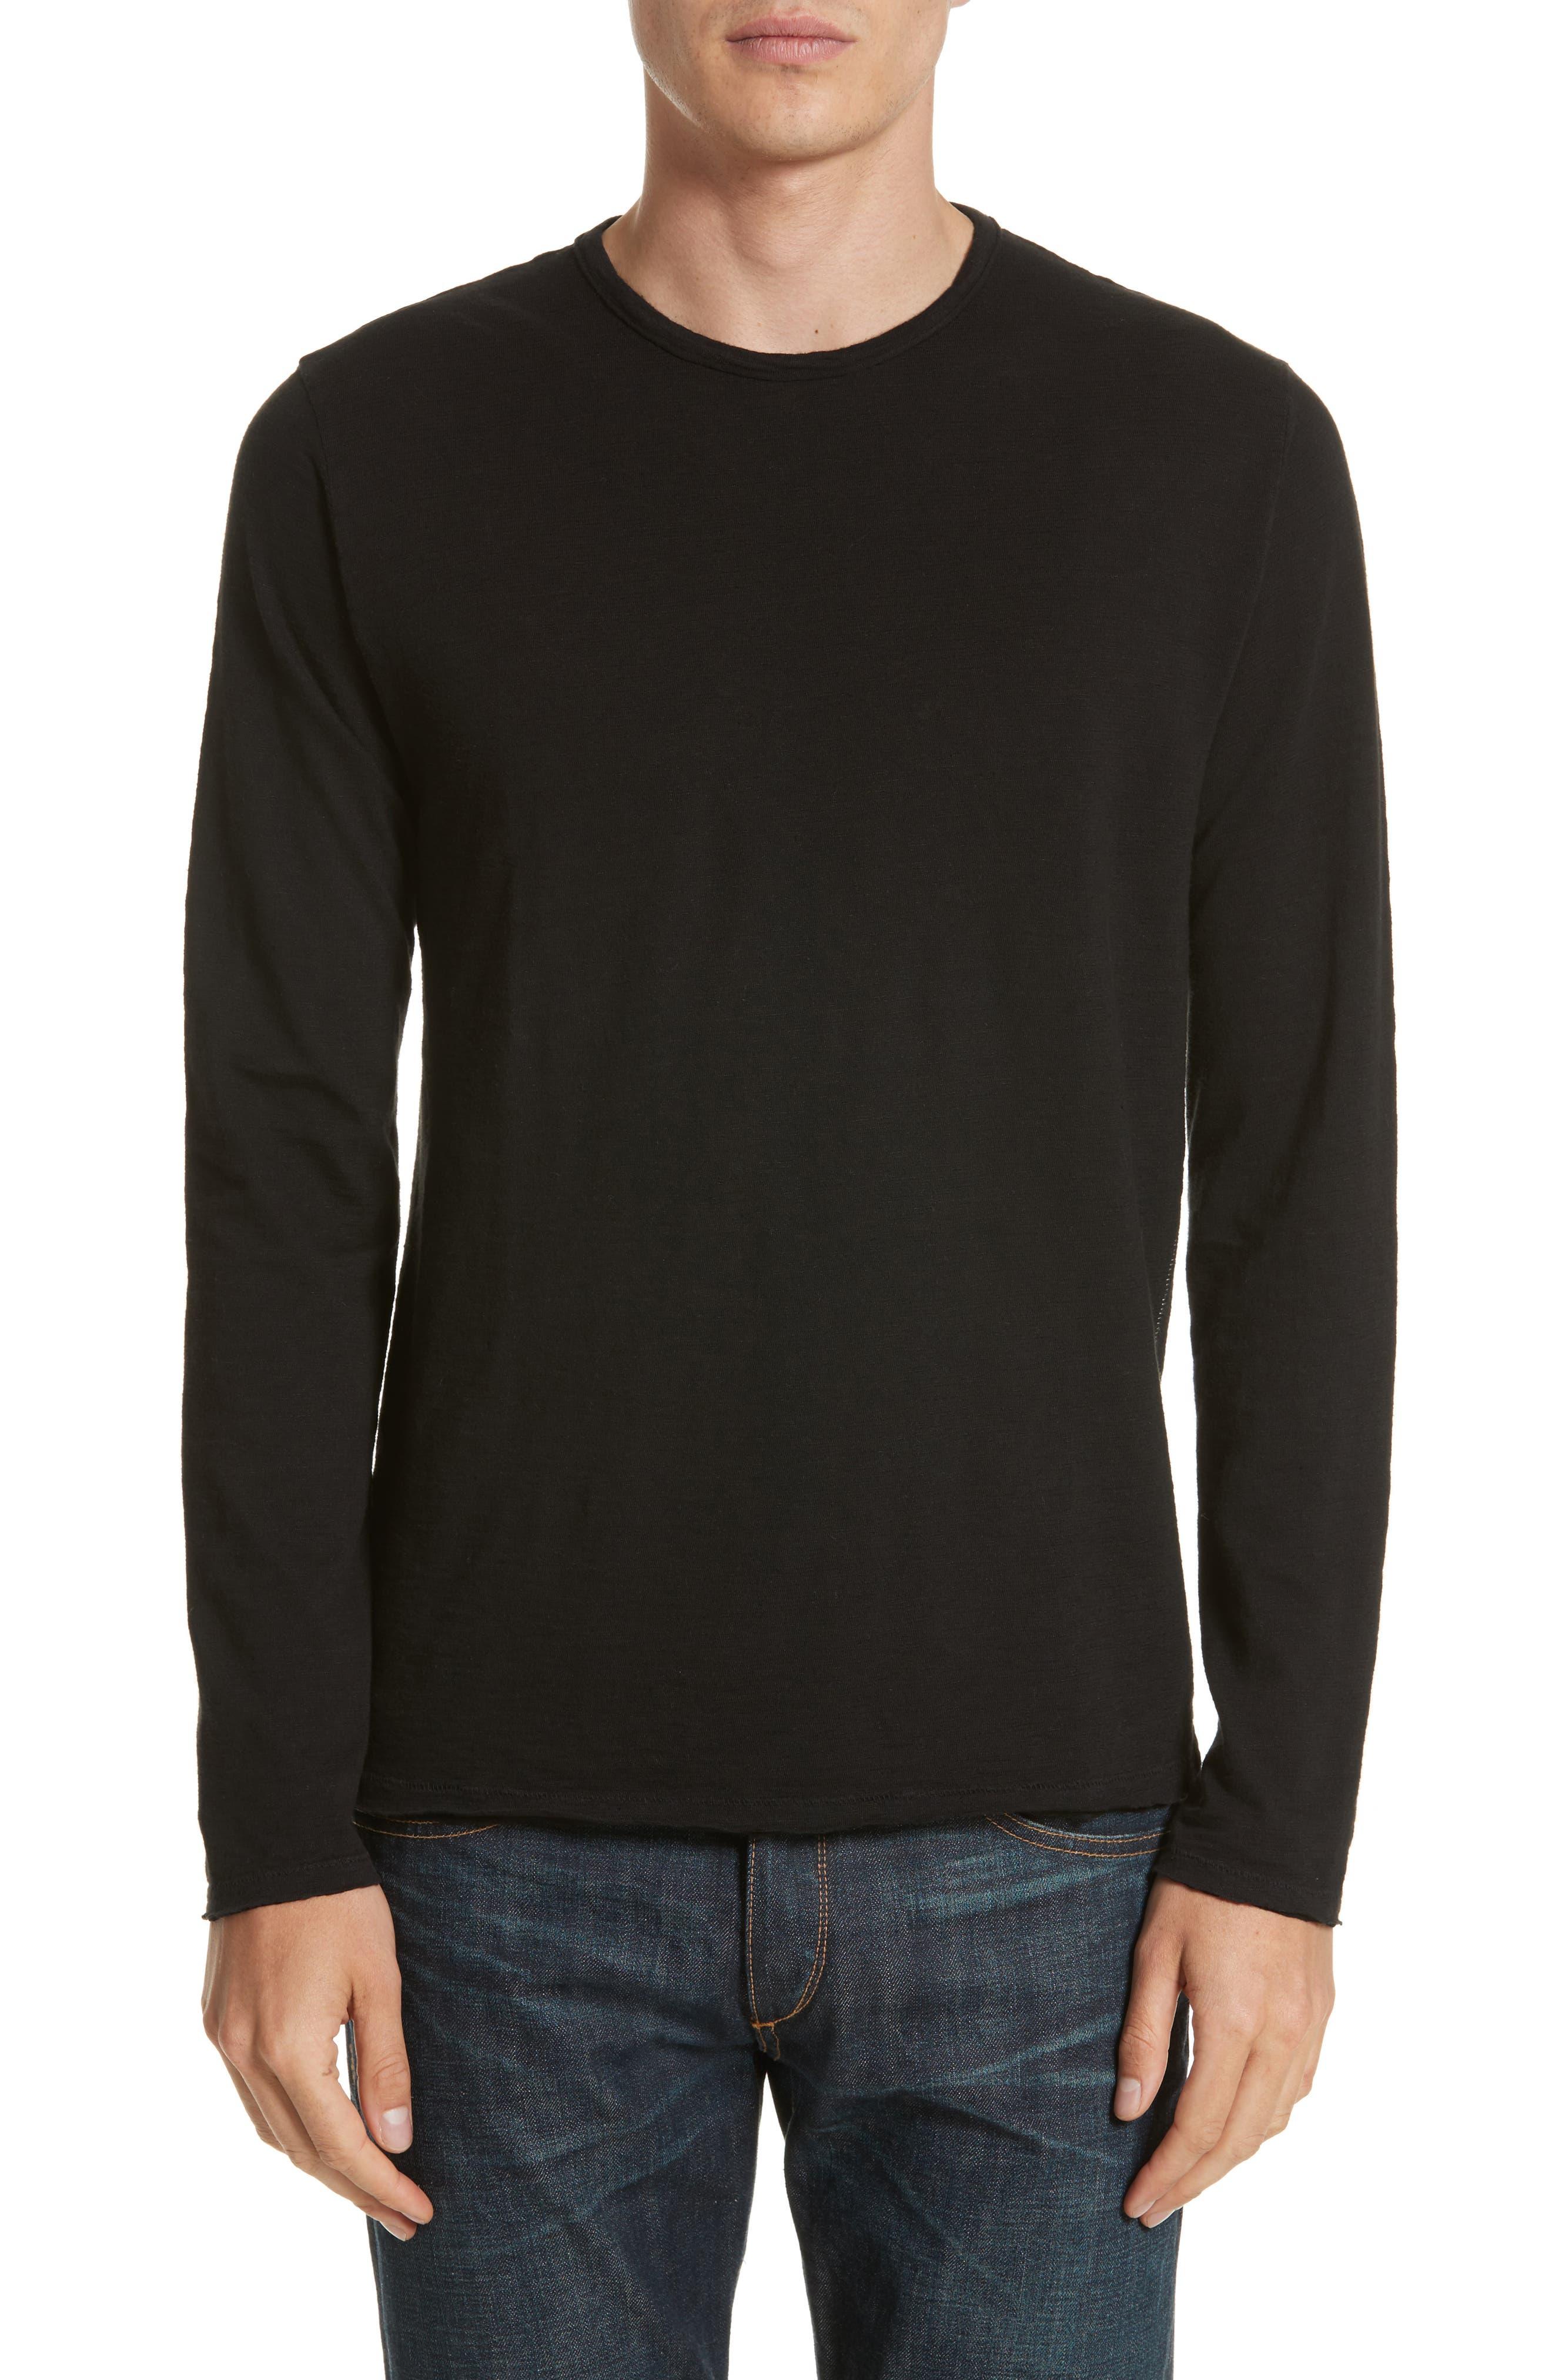 Owen T-Shirt,                         Main,                         color, Black